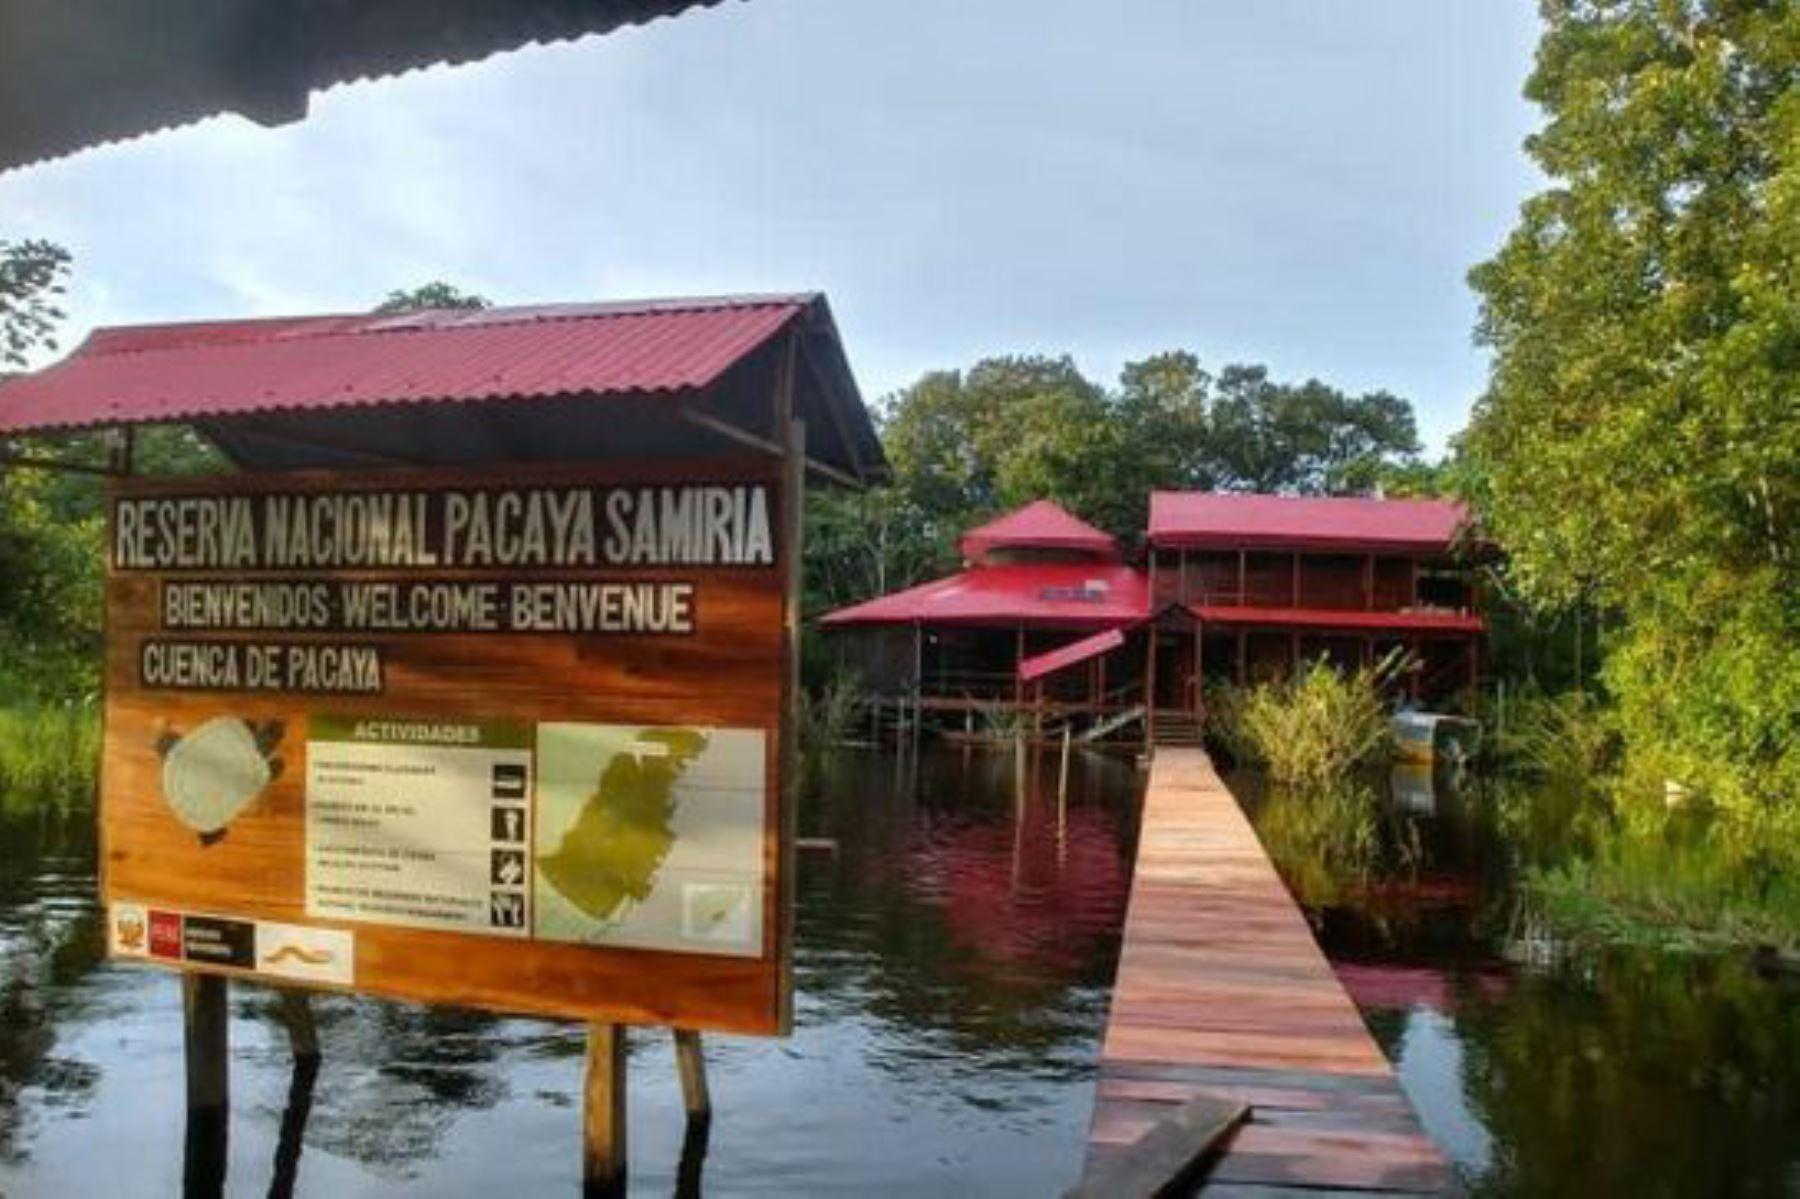 La reserva nacional Pacaya Samiria es uno de los principales destinos de naturaleza de la región Loreto, el la selva norte peruana.